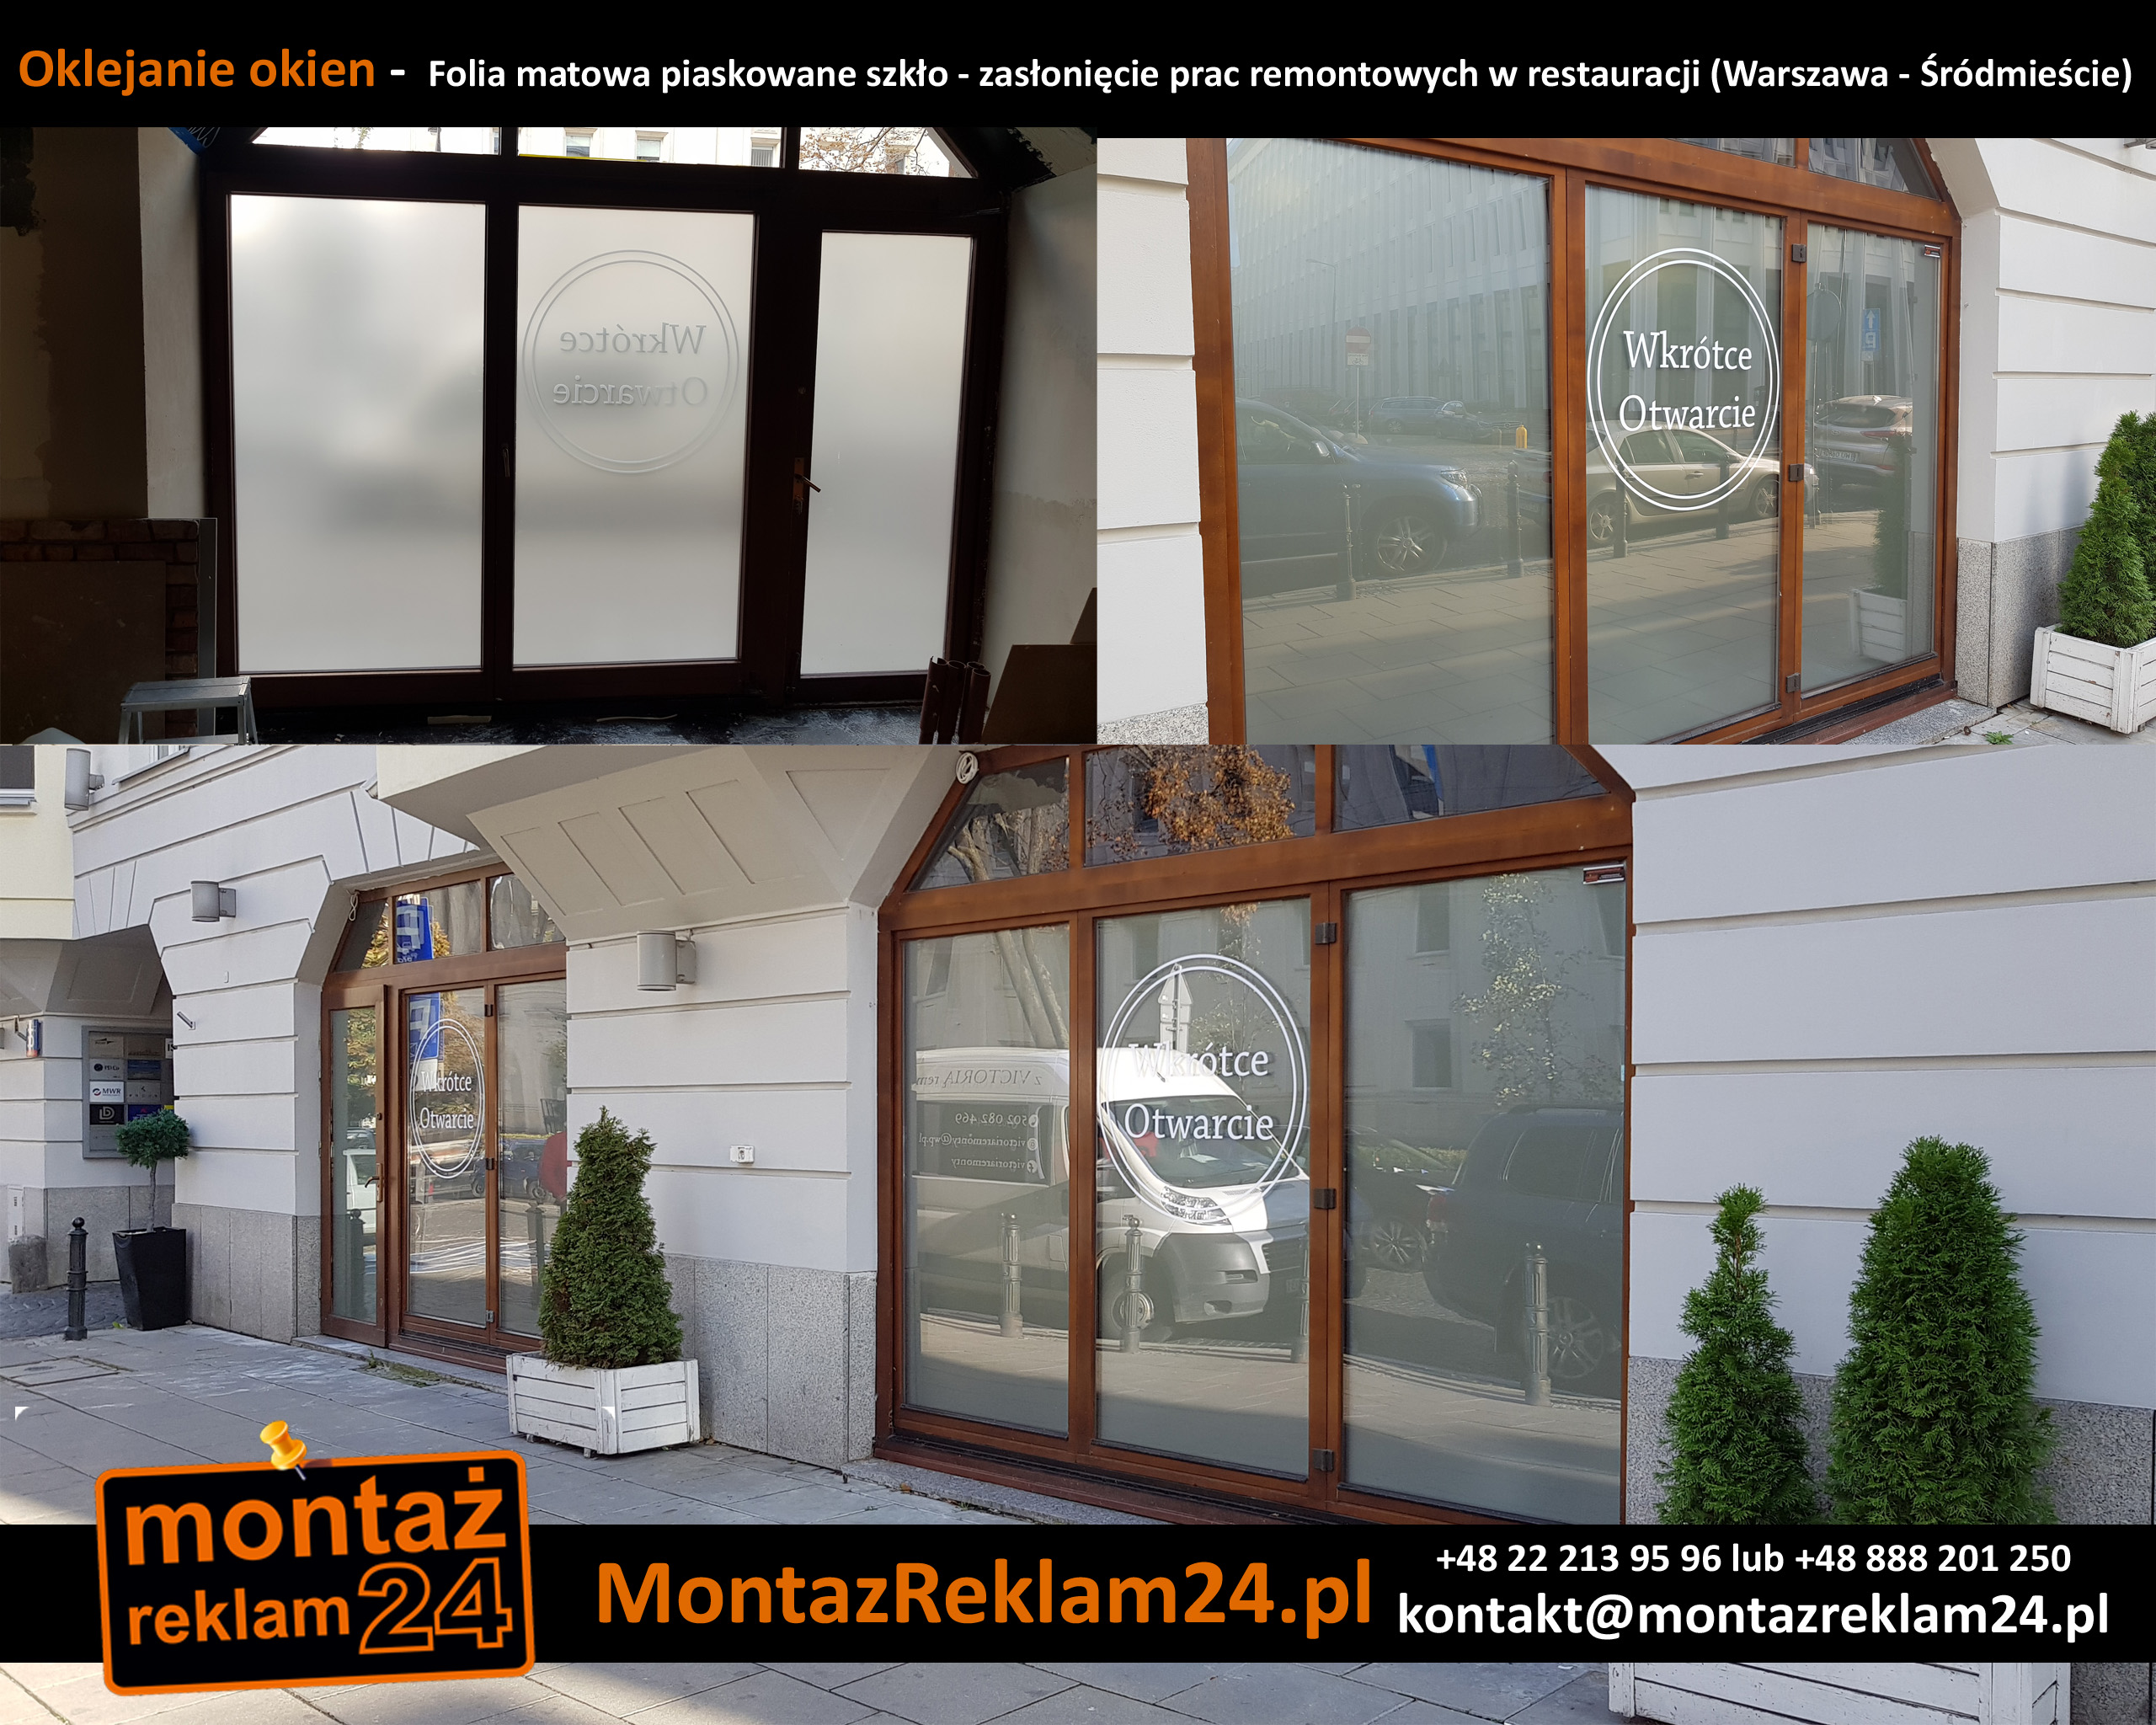 Oklejanie okien -  Folia matowa piaskowane szkło - zasłonięcie prac remontowych w restauracji (Warszawa - Śródmieście).jpg